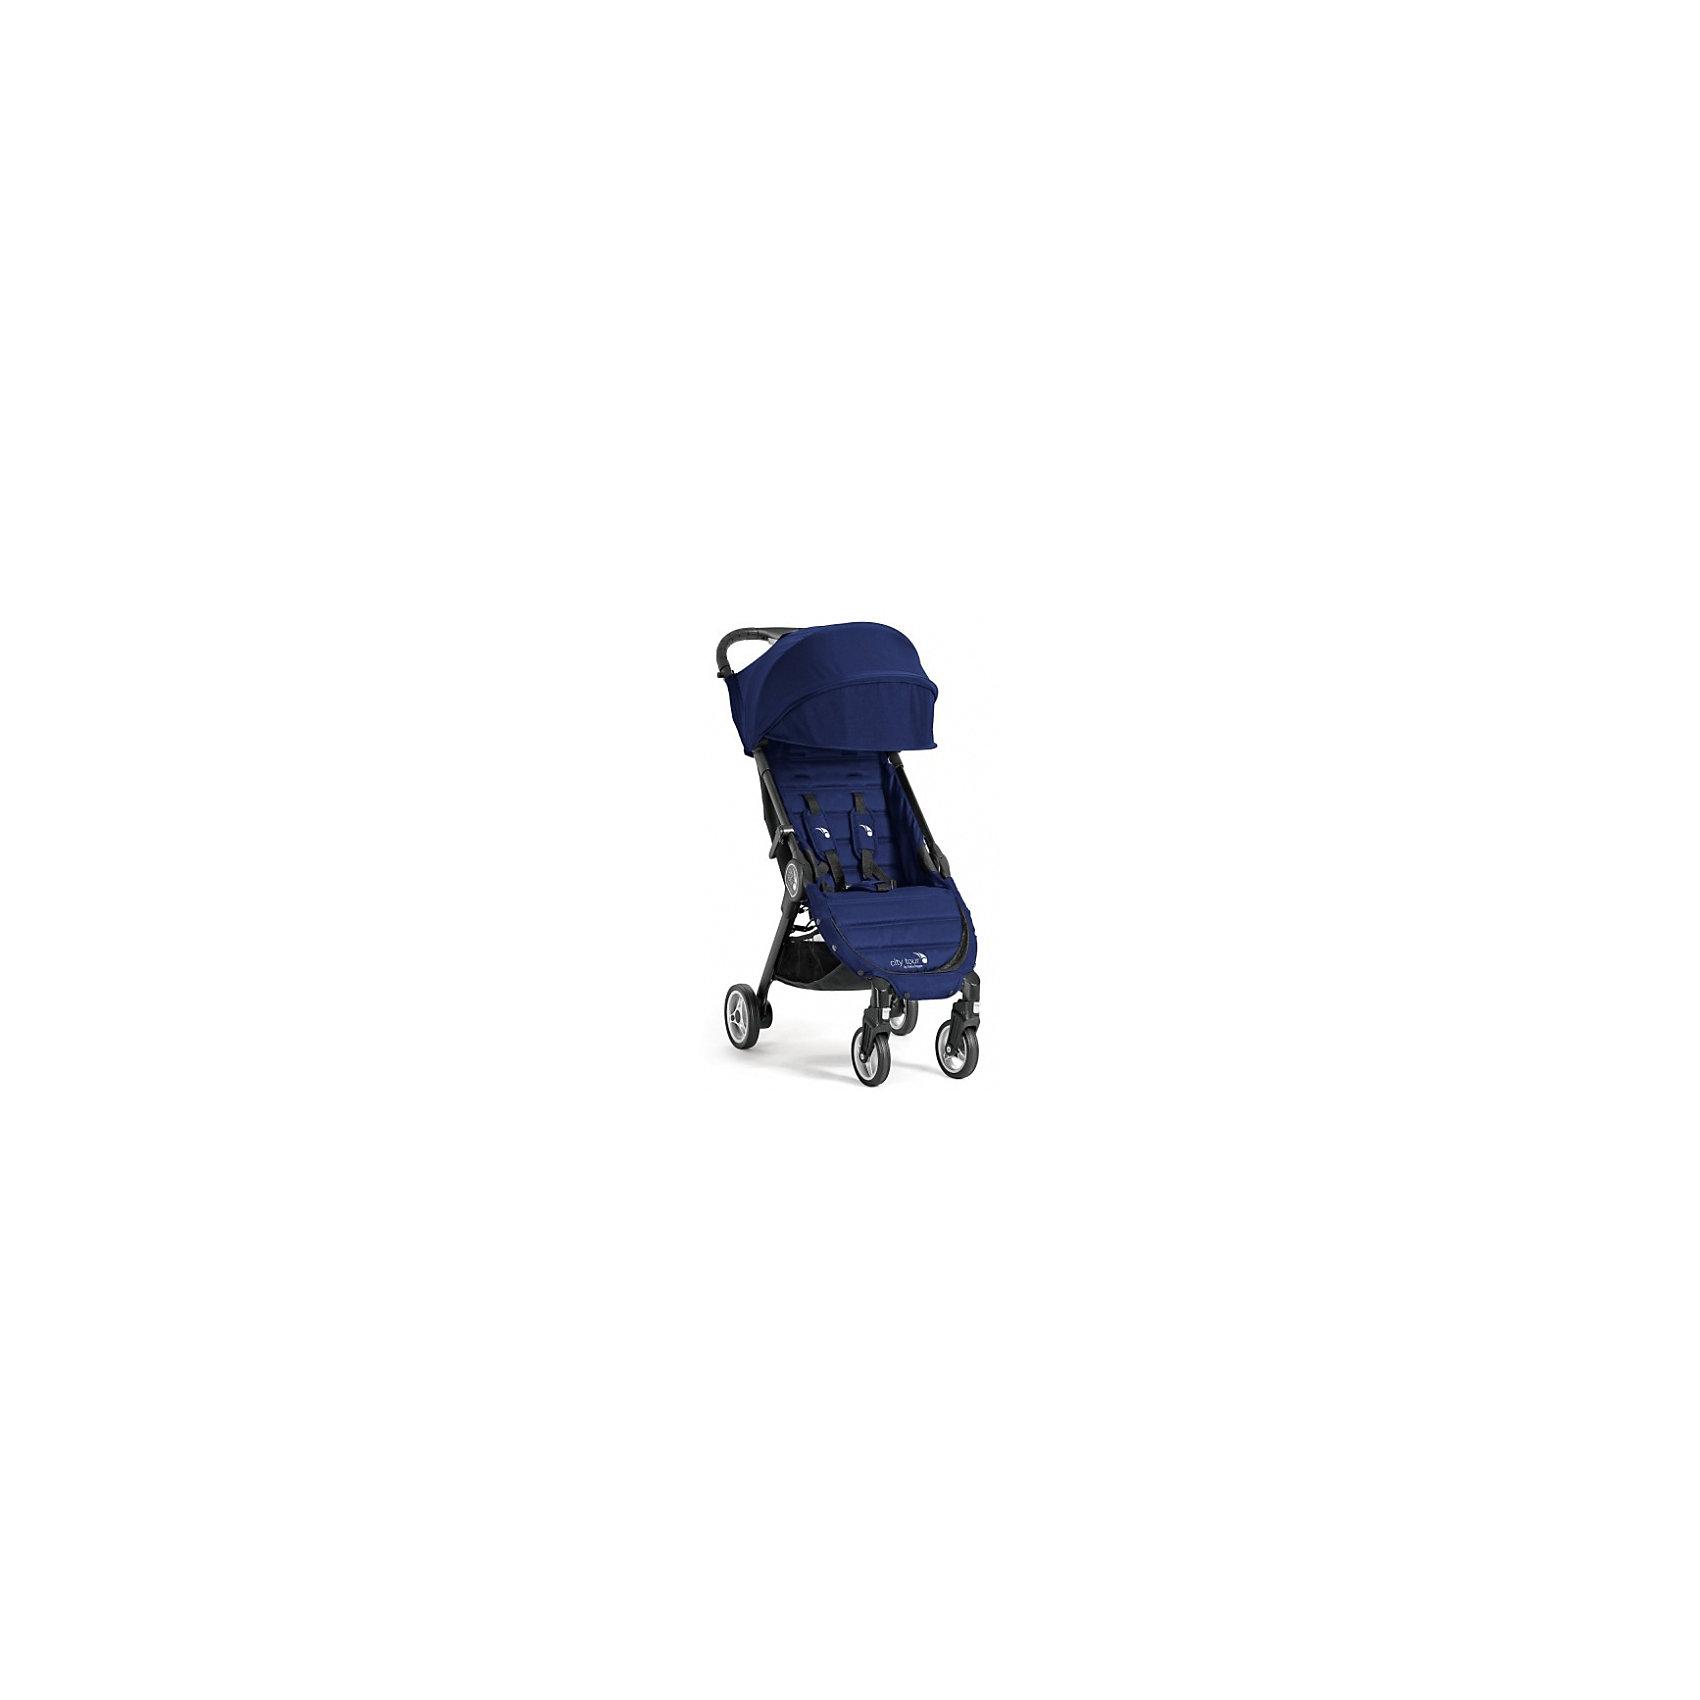 Прогулочная коляска Baby Jogger City Tour, синийПрогулочные коляски<br>Характеристики:<br><br>• регулируется положение спинки, угол наклона 150 градусов;<br>• регулируемая подножка;<br>• 5-ти точечные ремни безопасности;<br>• дополнительная секция на капюшоне;<br>• смотровое окошко;<br>• солнцезащитный козырек;<br>• защитный бампер снимается;<br>• поворотные передние колеса с фиксацией;<br>• тормоз – стопор задних колес;<br>• корзина для покупок;<br>• коляска складывается одной рукой – система Quickfold;<br>• механизм складывания: книжка;<br>• в комплекте имеется сумка для переноски коляски.<br><br>Размеры: <br><br>• размер коляски: 91х45х23 см;<br>• размер коляски в сложенном виде: 56х45х23 см;<br>• ширина сиденья: 30 см;<br>• глубина сиденья: 21 см;<br>• высота спинки: 44 см;<br>• длина подножки: 21 см;<br>• высота посадки: 40 см;<br>• диаметр колес: 12,5 см, 14,5 см;<br>• вес коляски: 6,4 кг.<br><br>Прогулочная коляска для путешествий легко складывается одной рукой, имеет компактные размеры, транспортируется в сумке-рюкзаке для переноски. Незначительные размеры коляски позволяют представить багаж в виде ручной клади, чтобы сразу после перелета разложить коляску и дать возможность ребенку отдохнуть после самолета. <br><br>Прогулочную коляску City Tour, Baby Jogger можно купить в нашем интернет-магазине.<br><br>Ширина мм: 425<br>Глубина мм: 550<br>Высота мм: 200<br>Вес г: 8200<br>Возраст от месяцев: 6<br>Возраст до месяцев: 36<br>Пол: Унисекс<br>Возраст: Детский<br>SKU: 5613096